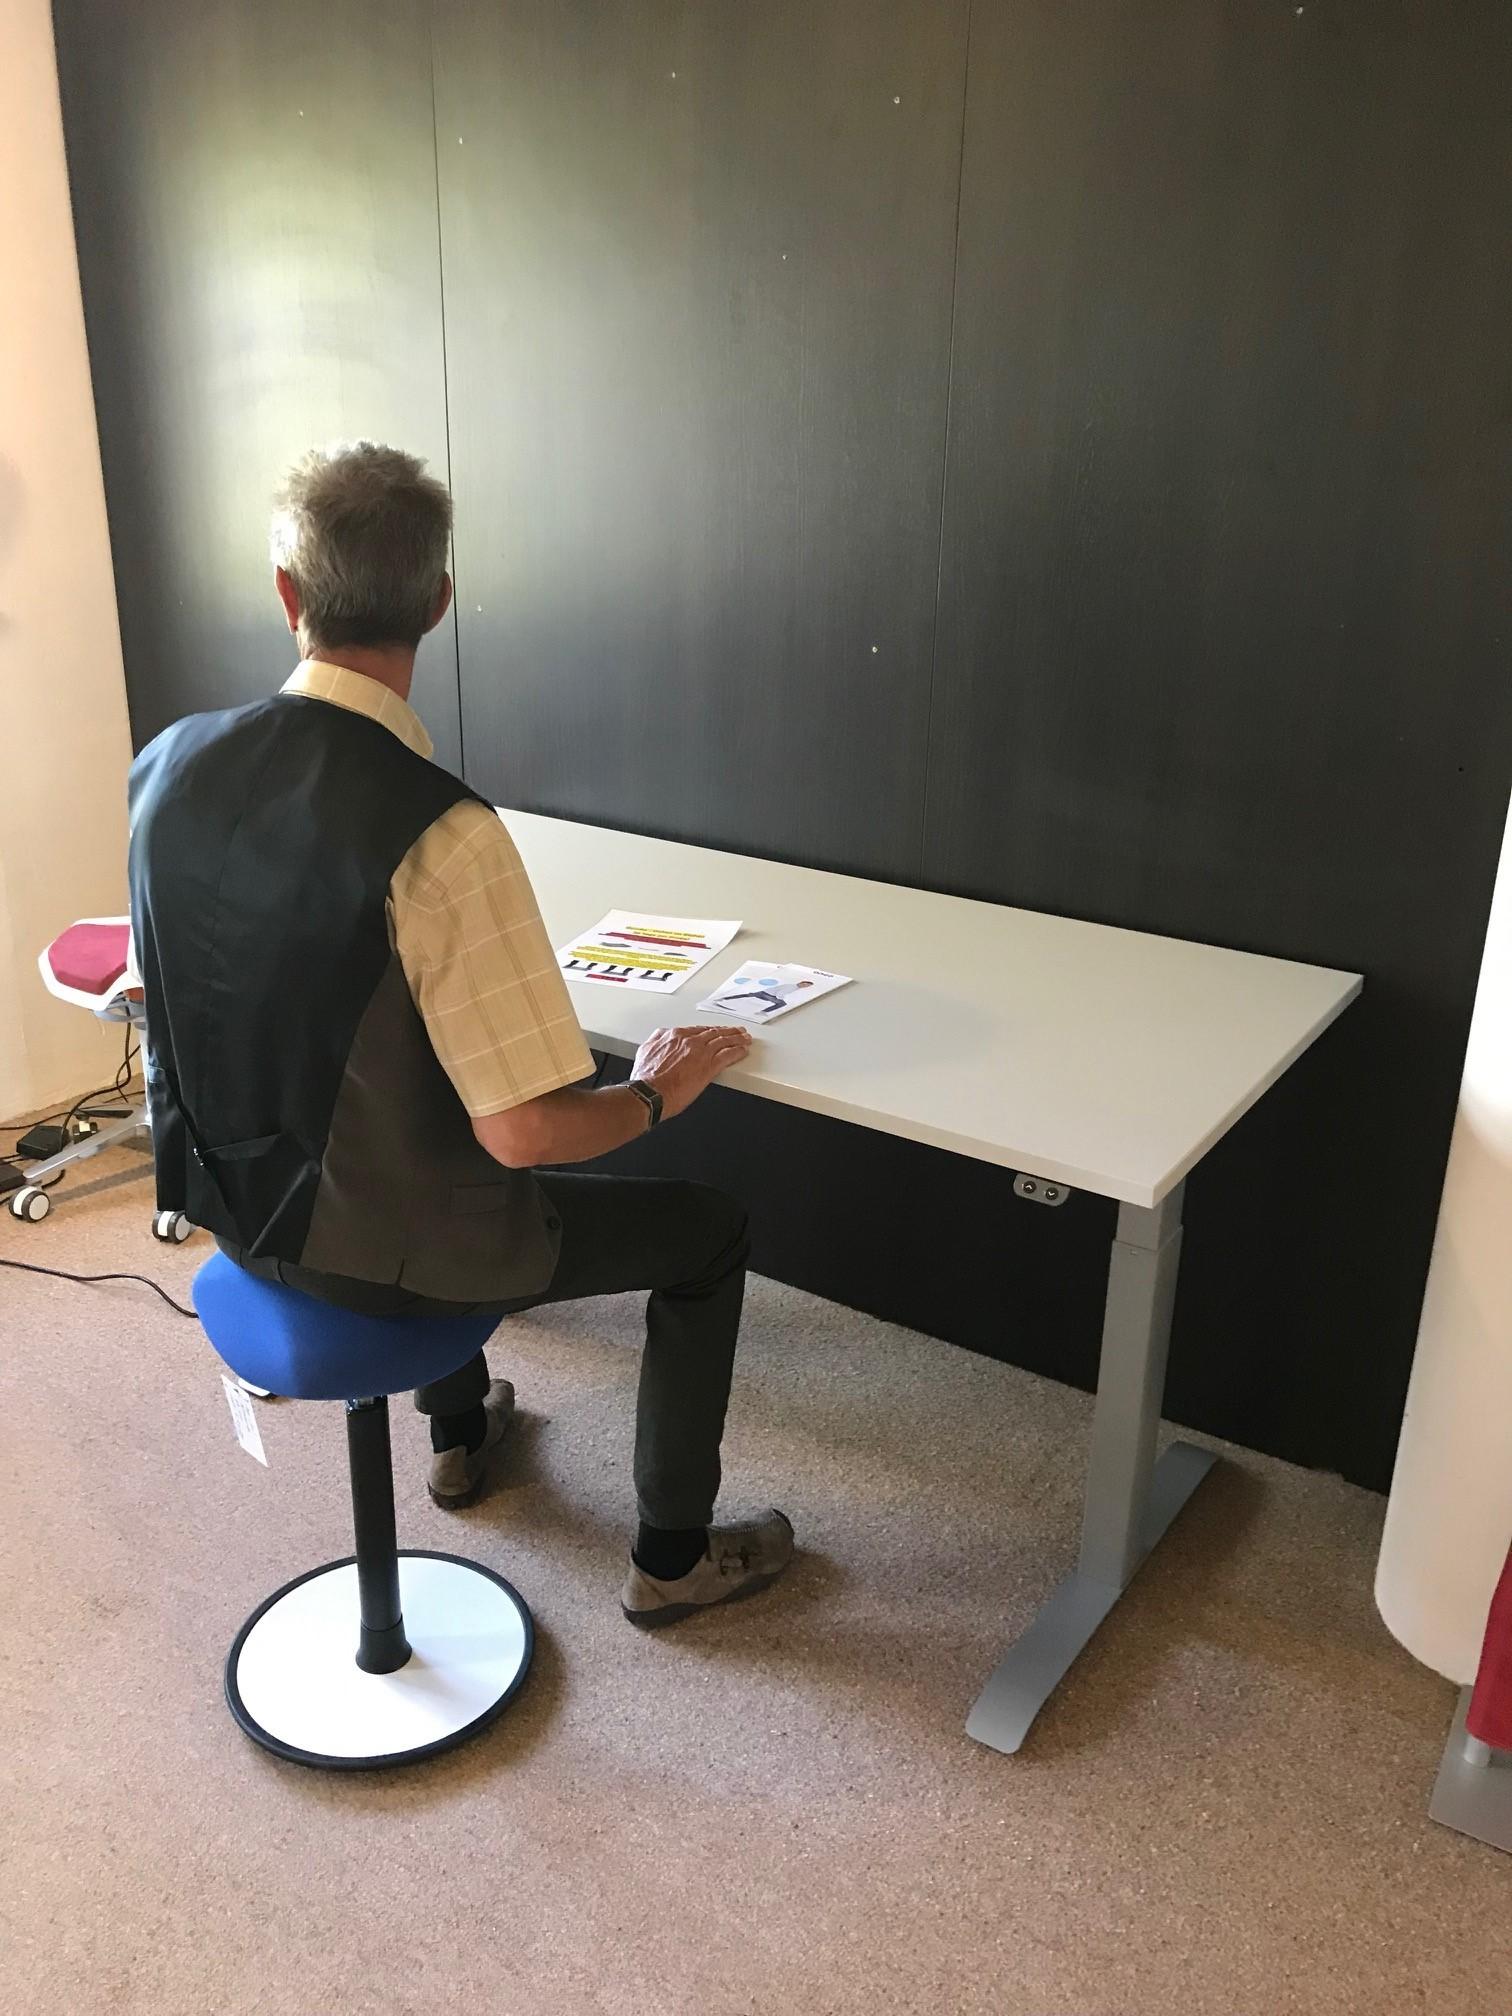 Schreibtisch / Stehpult elektrisch höhenverstellbar, Gestell schwarz 06